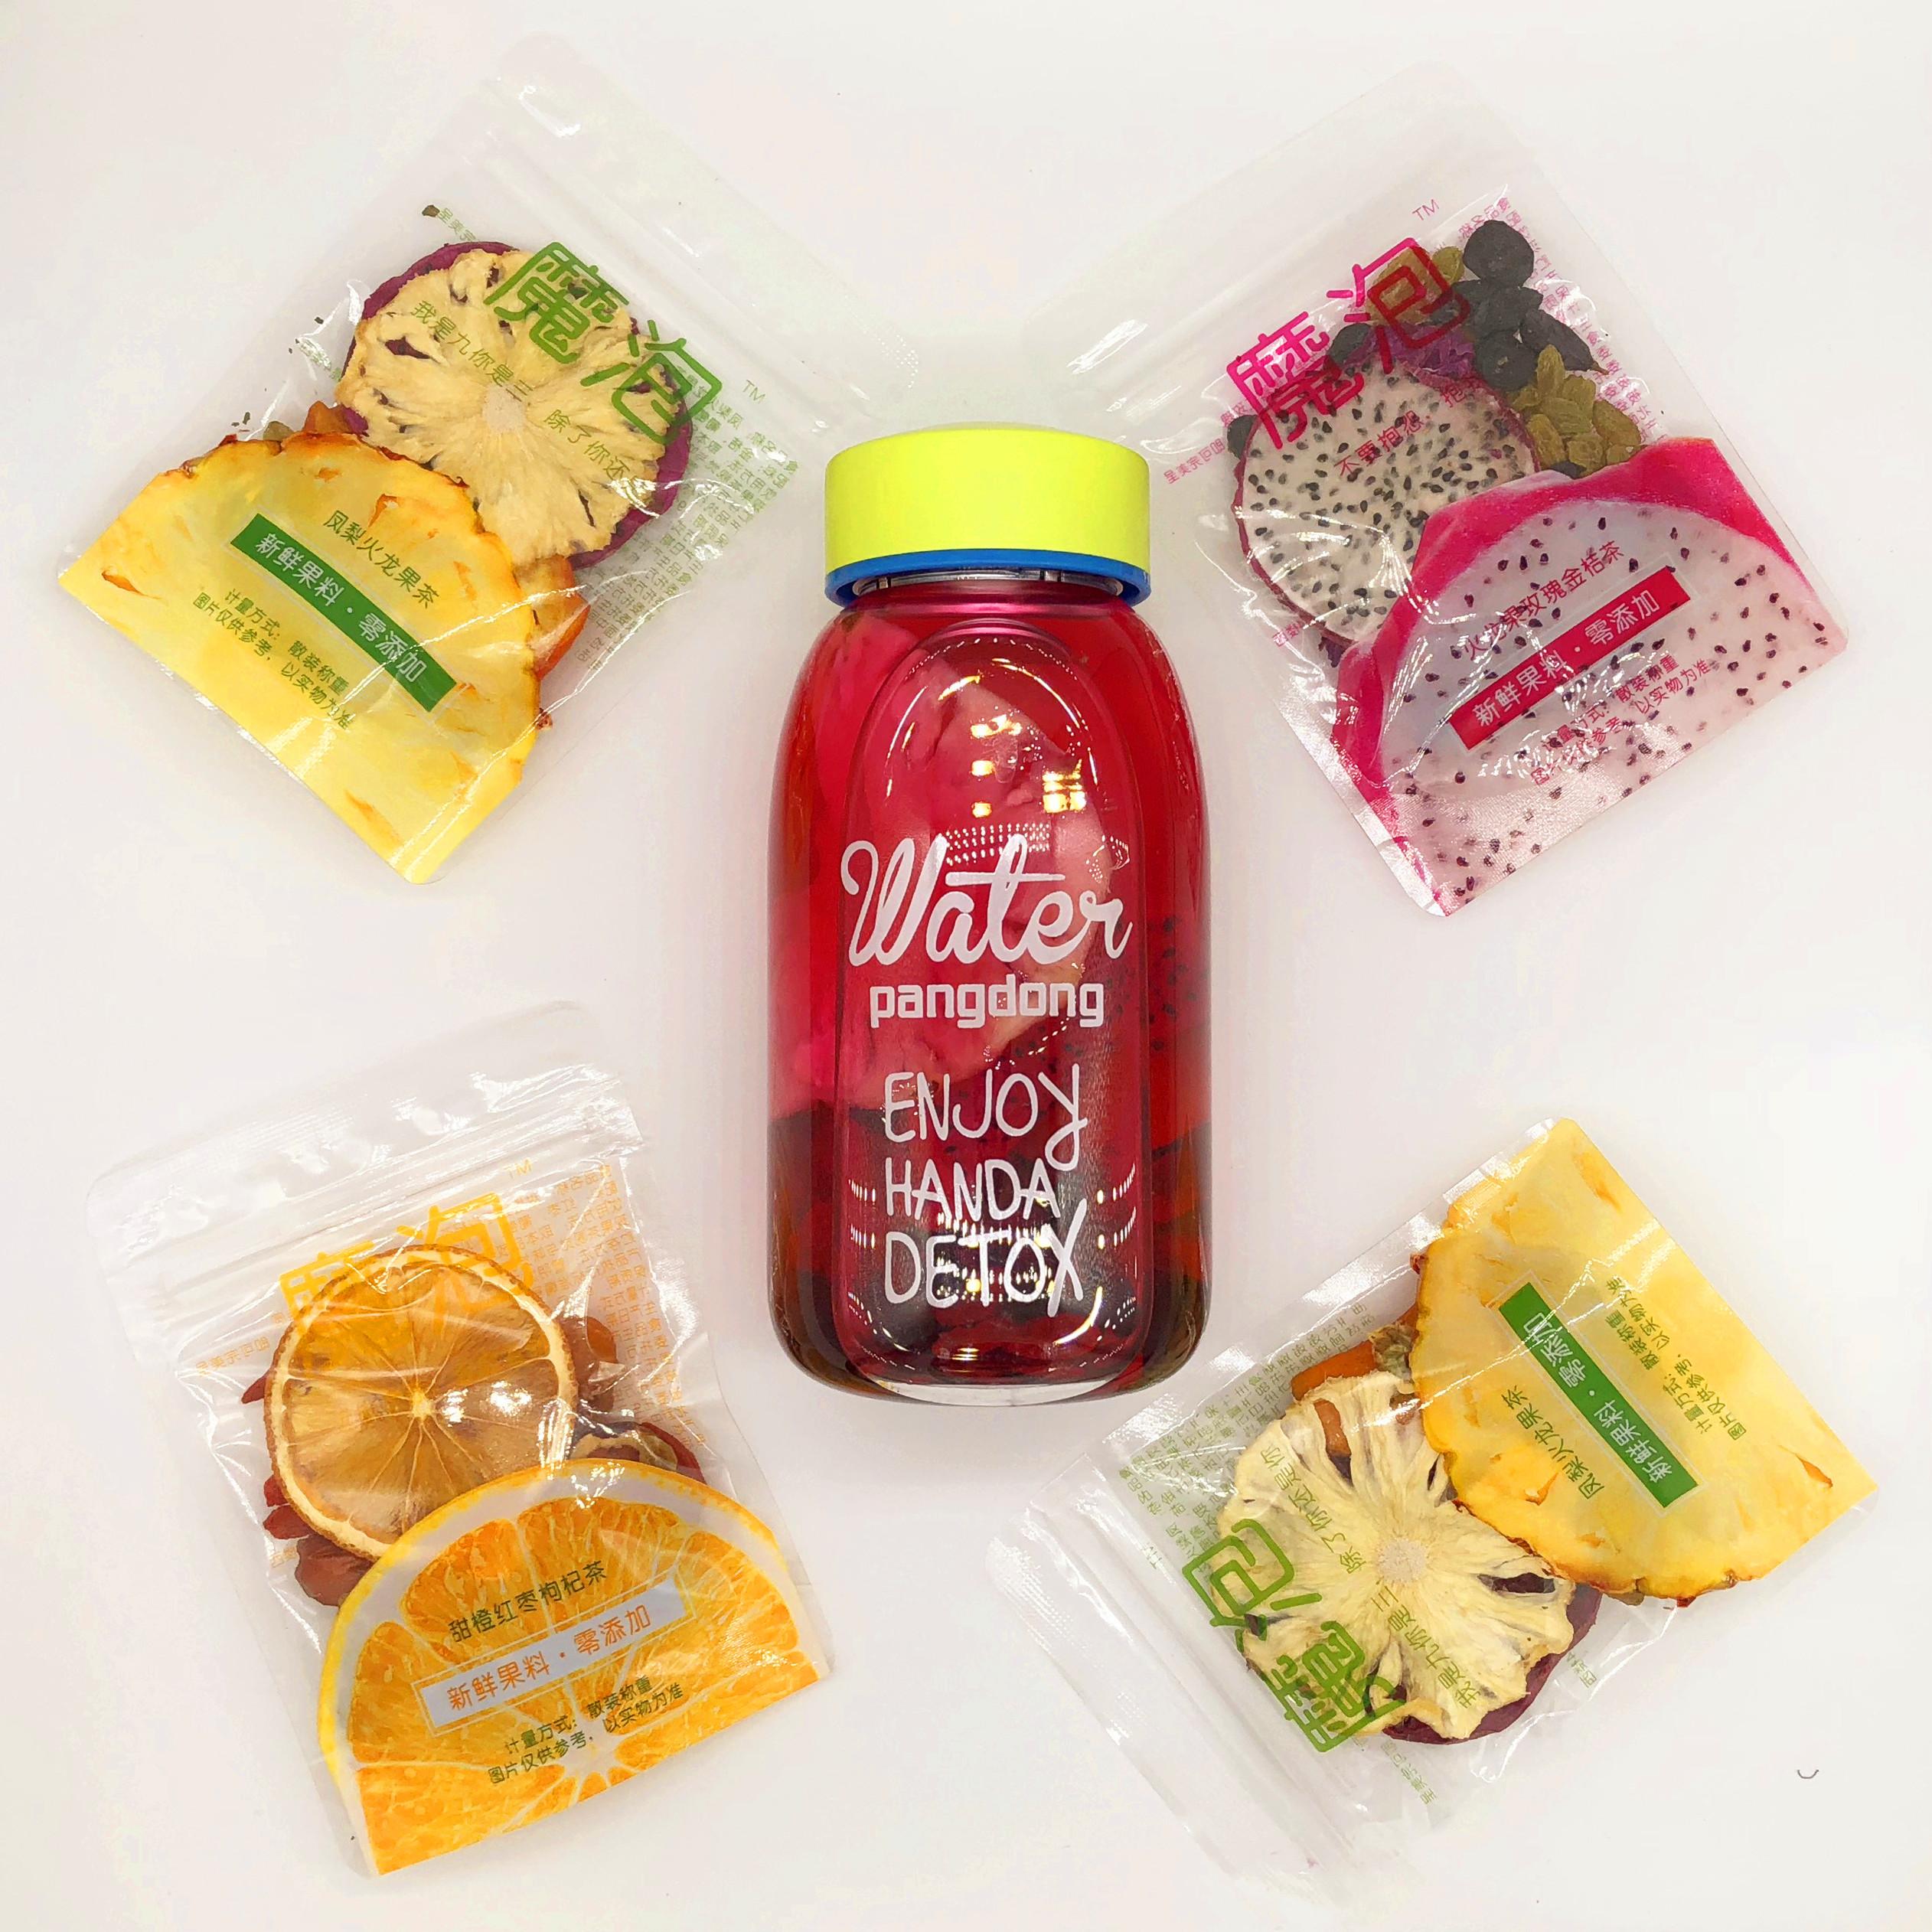 果干片新鲜手工混合袋装水果茶果粒茶花茶组合 290g 魔泡饮品花果茶